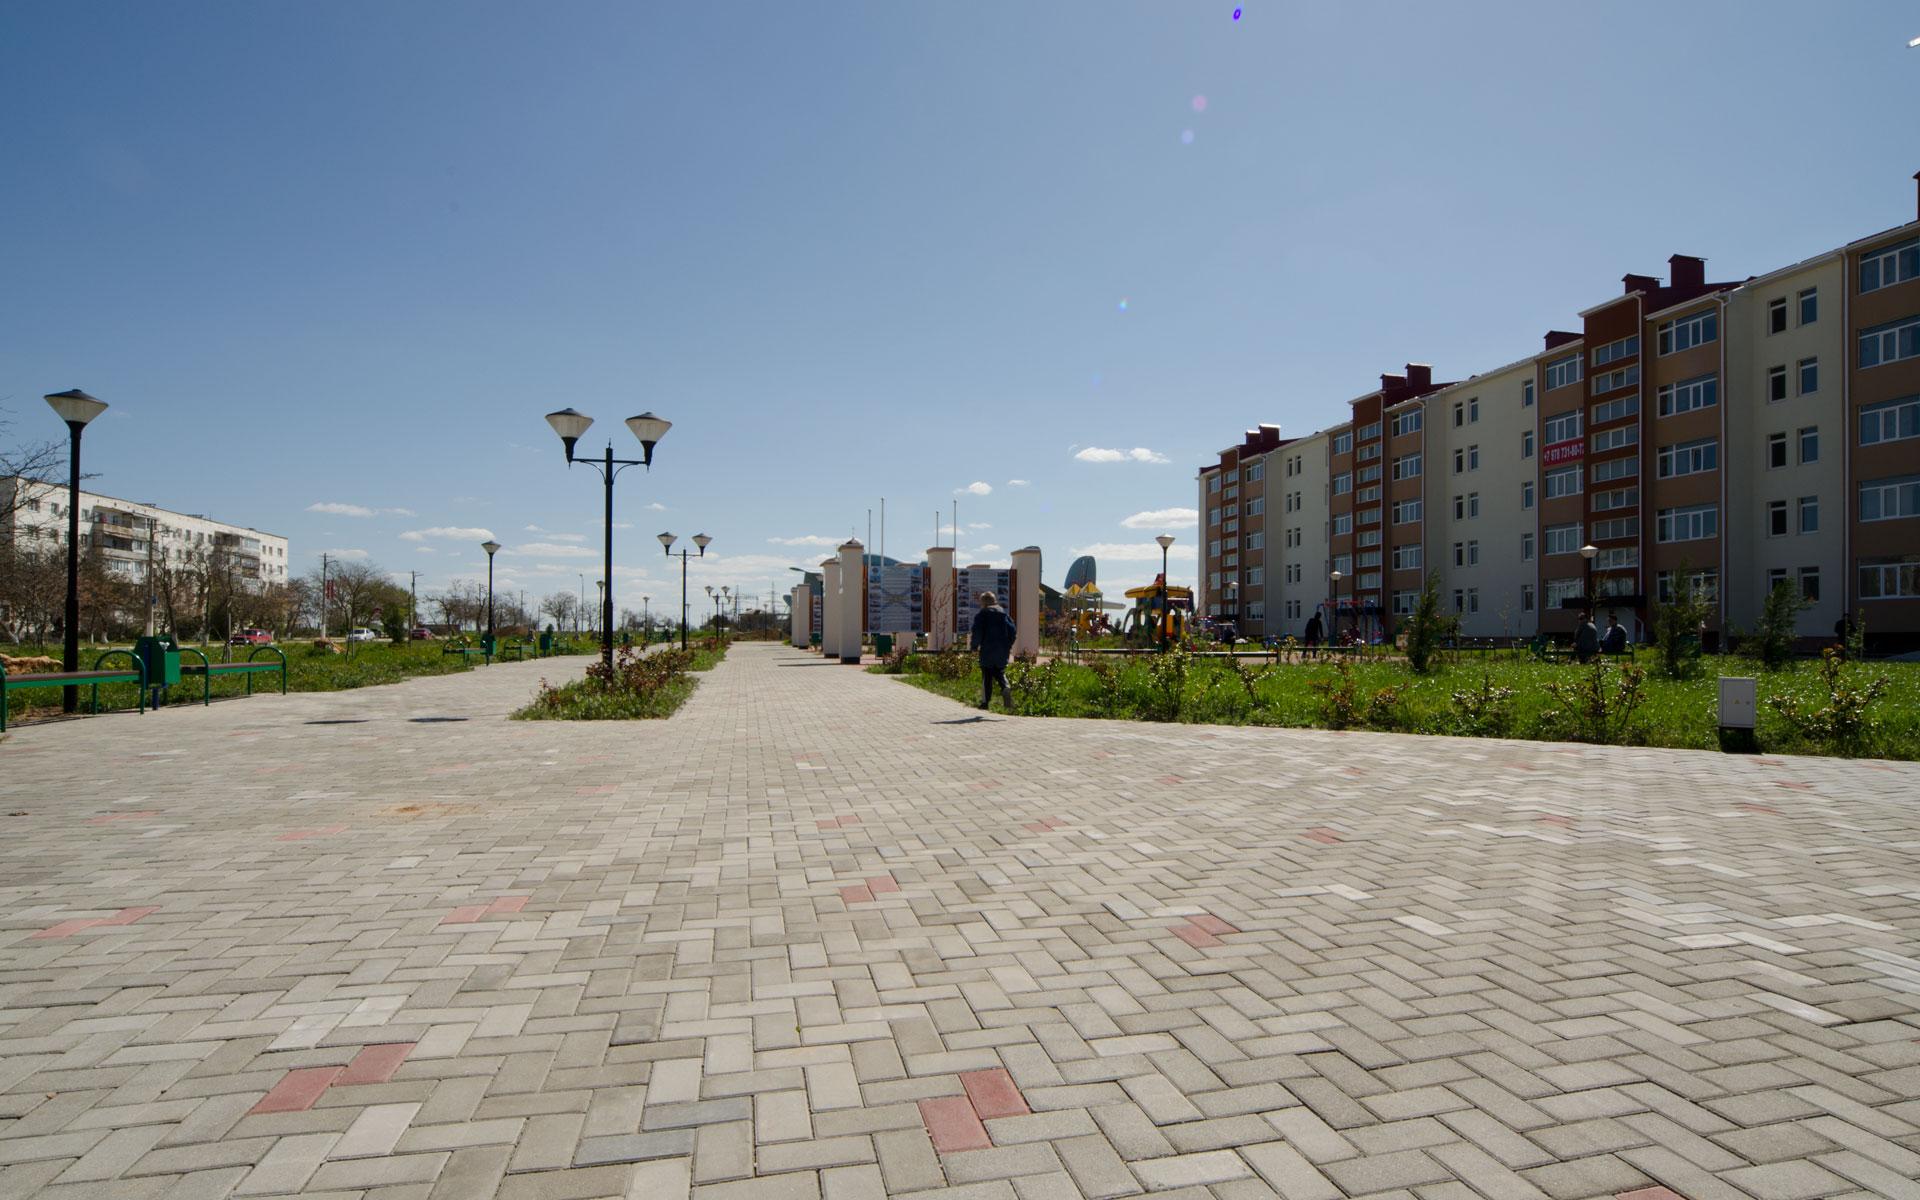 Сквер авиаторов. Фото Мирного